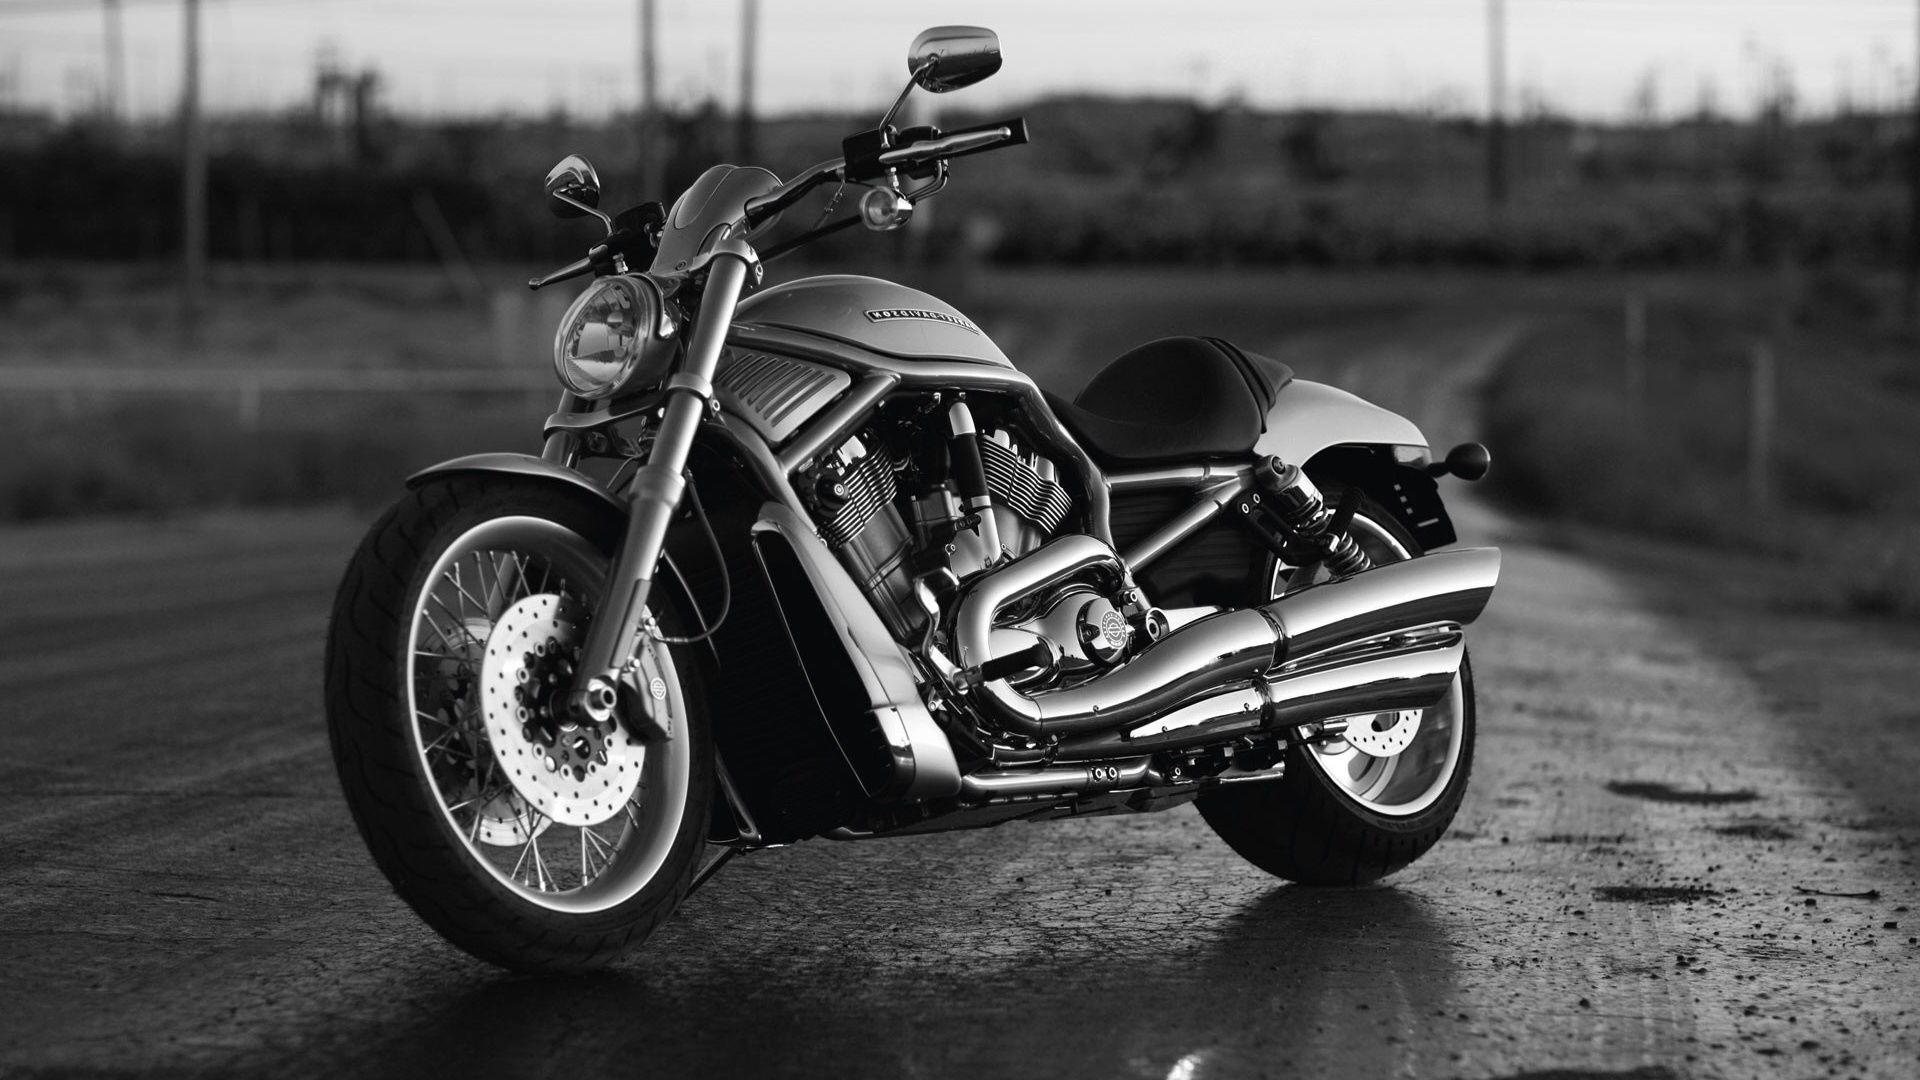 Обои Байк, Мотоцикл. Мотоциклы foto 8